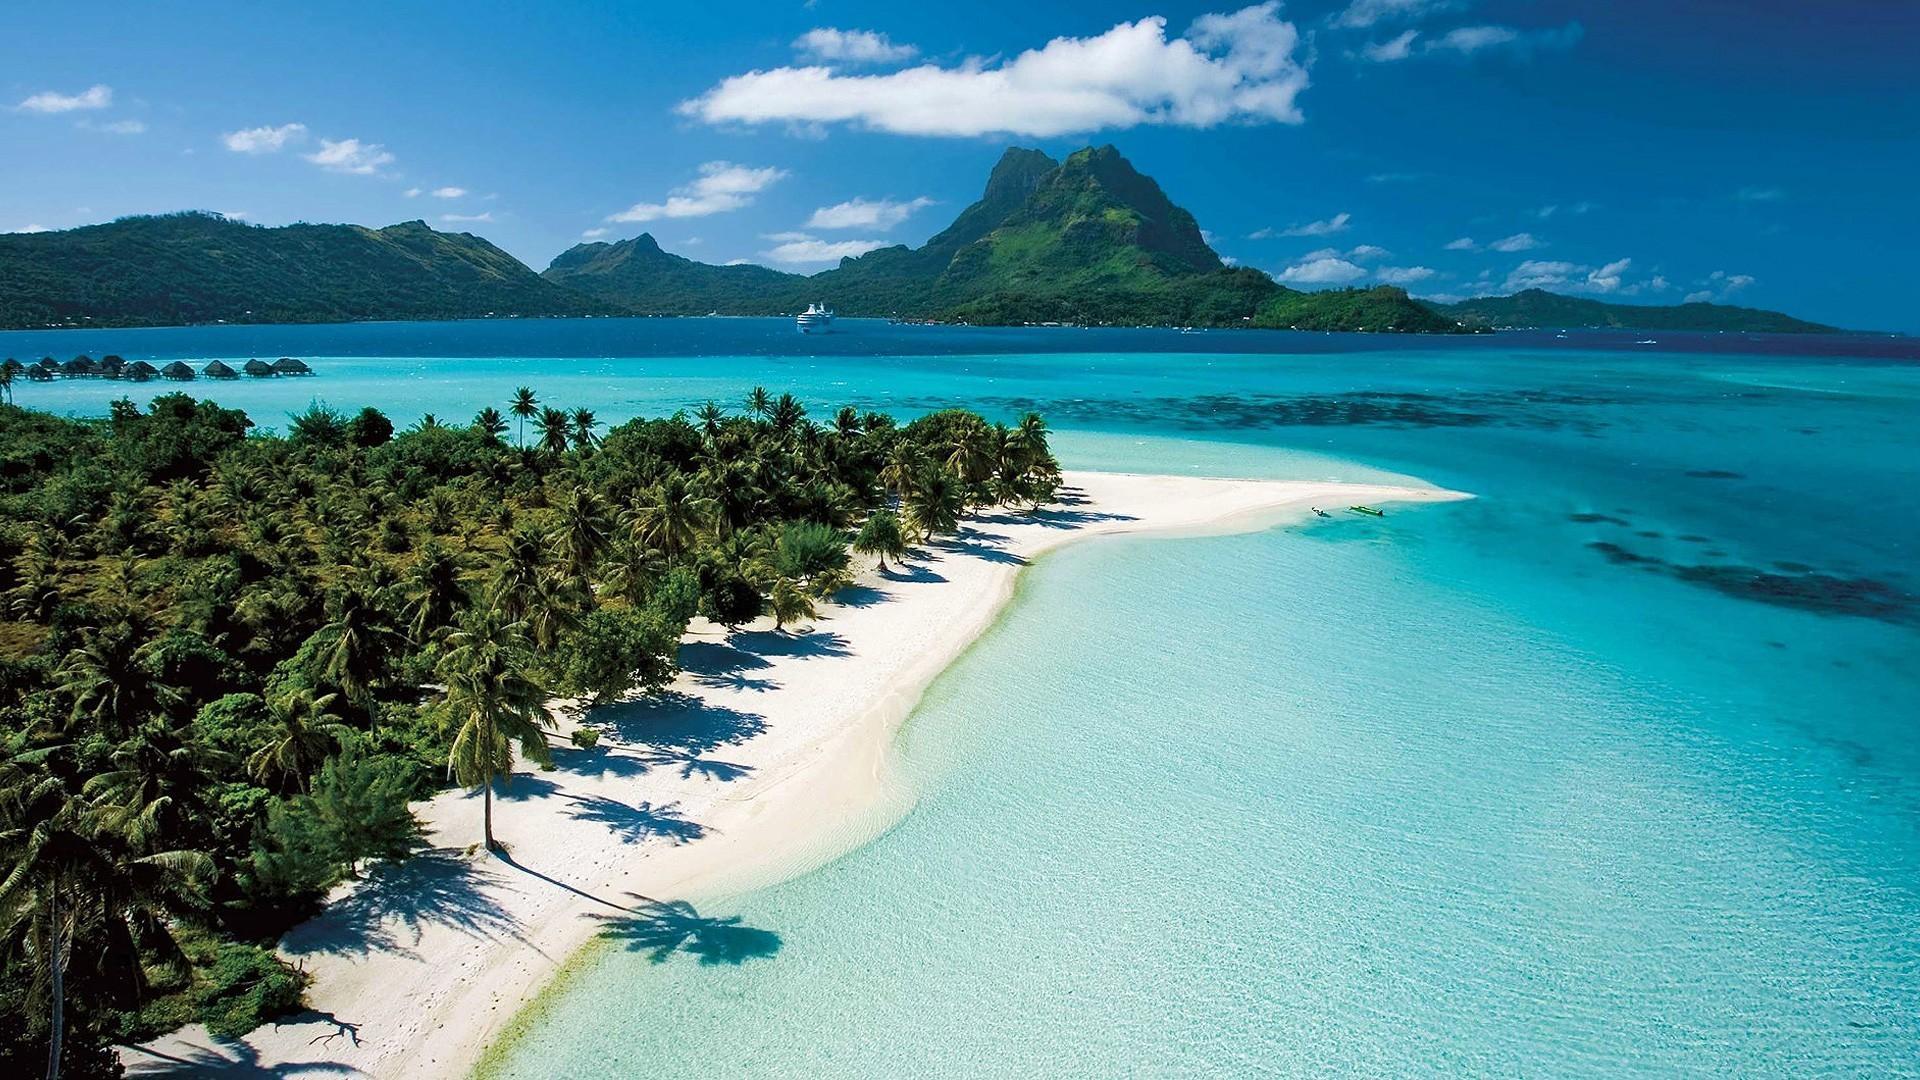 风景怡人的海滩高清宽屏桌面壁纸